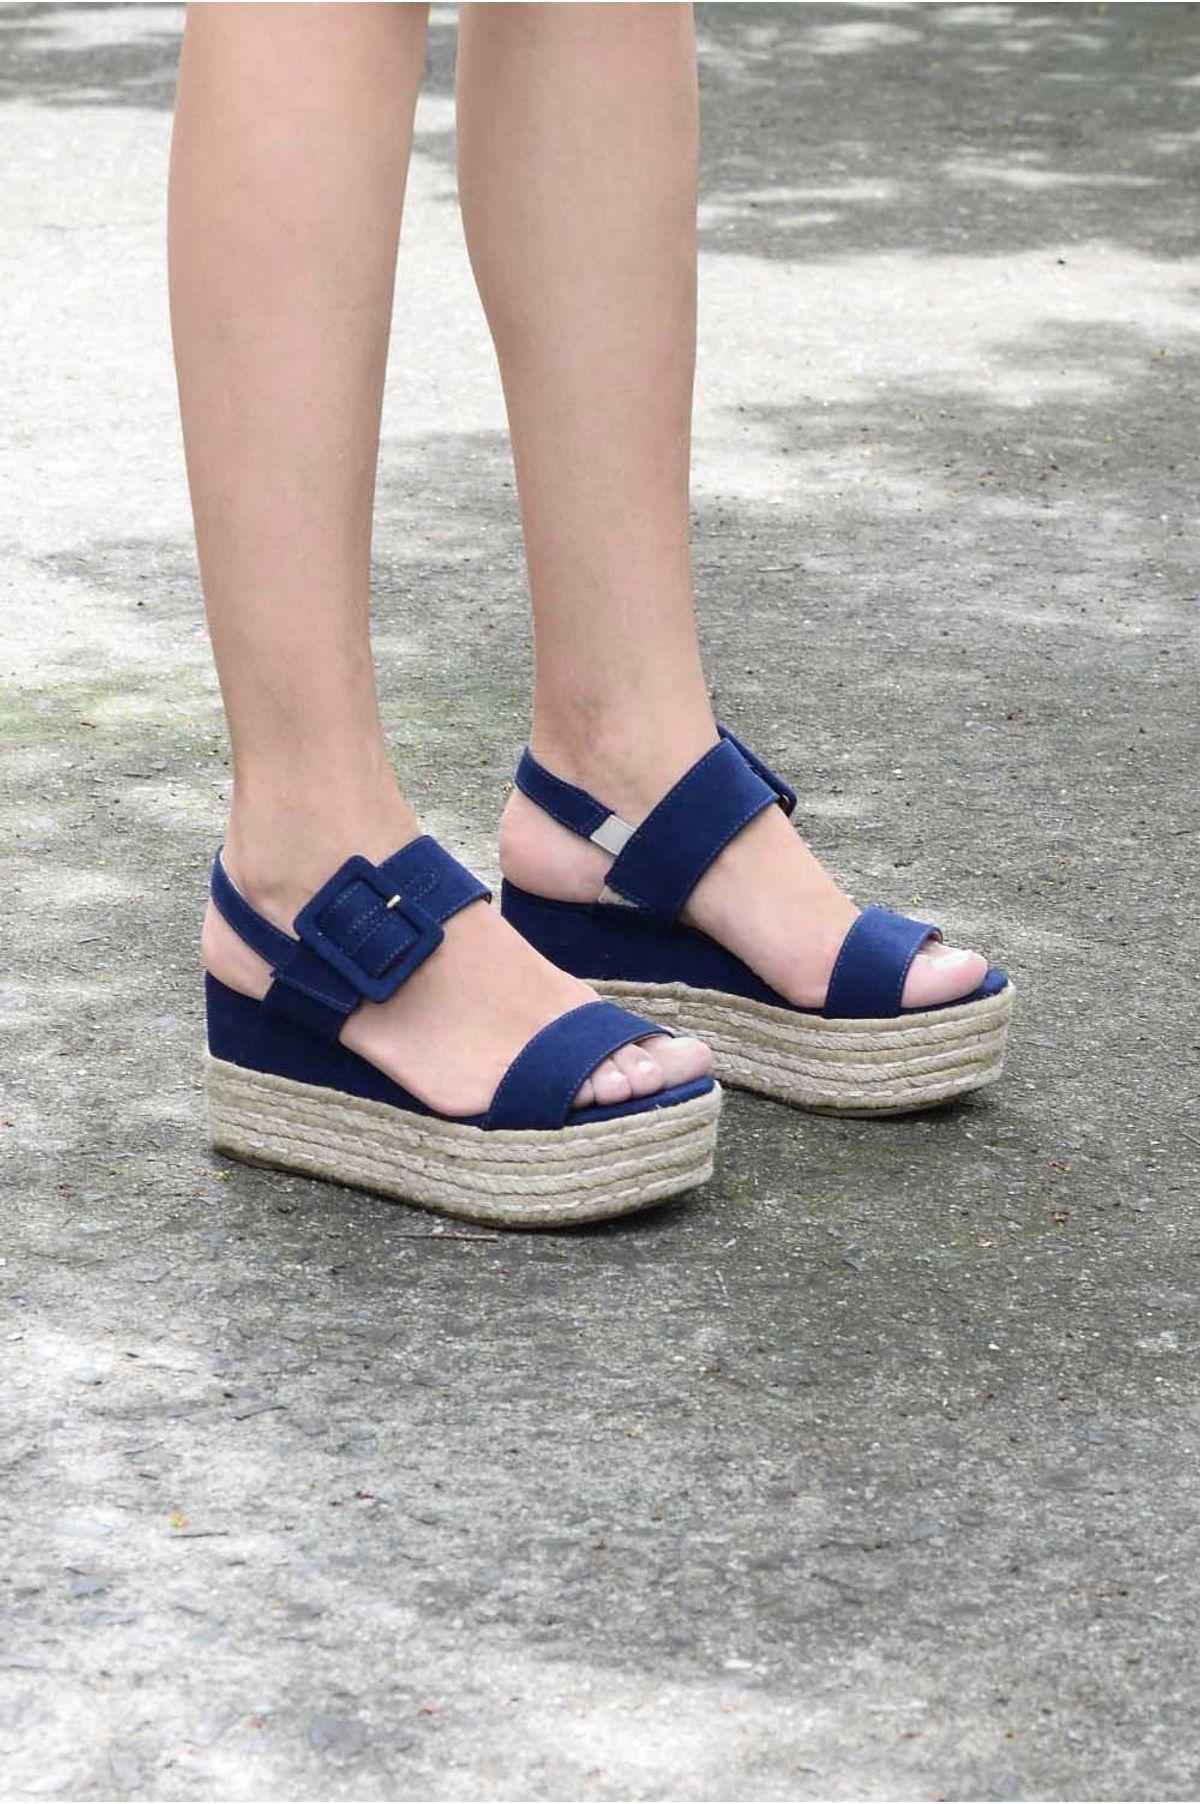 985c7ccc4 Sandália Feminina Anabela Leiah Mundial CAM - MARINHO - Mundial Calçados